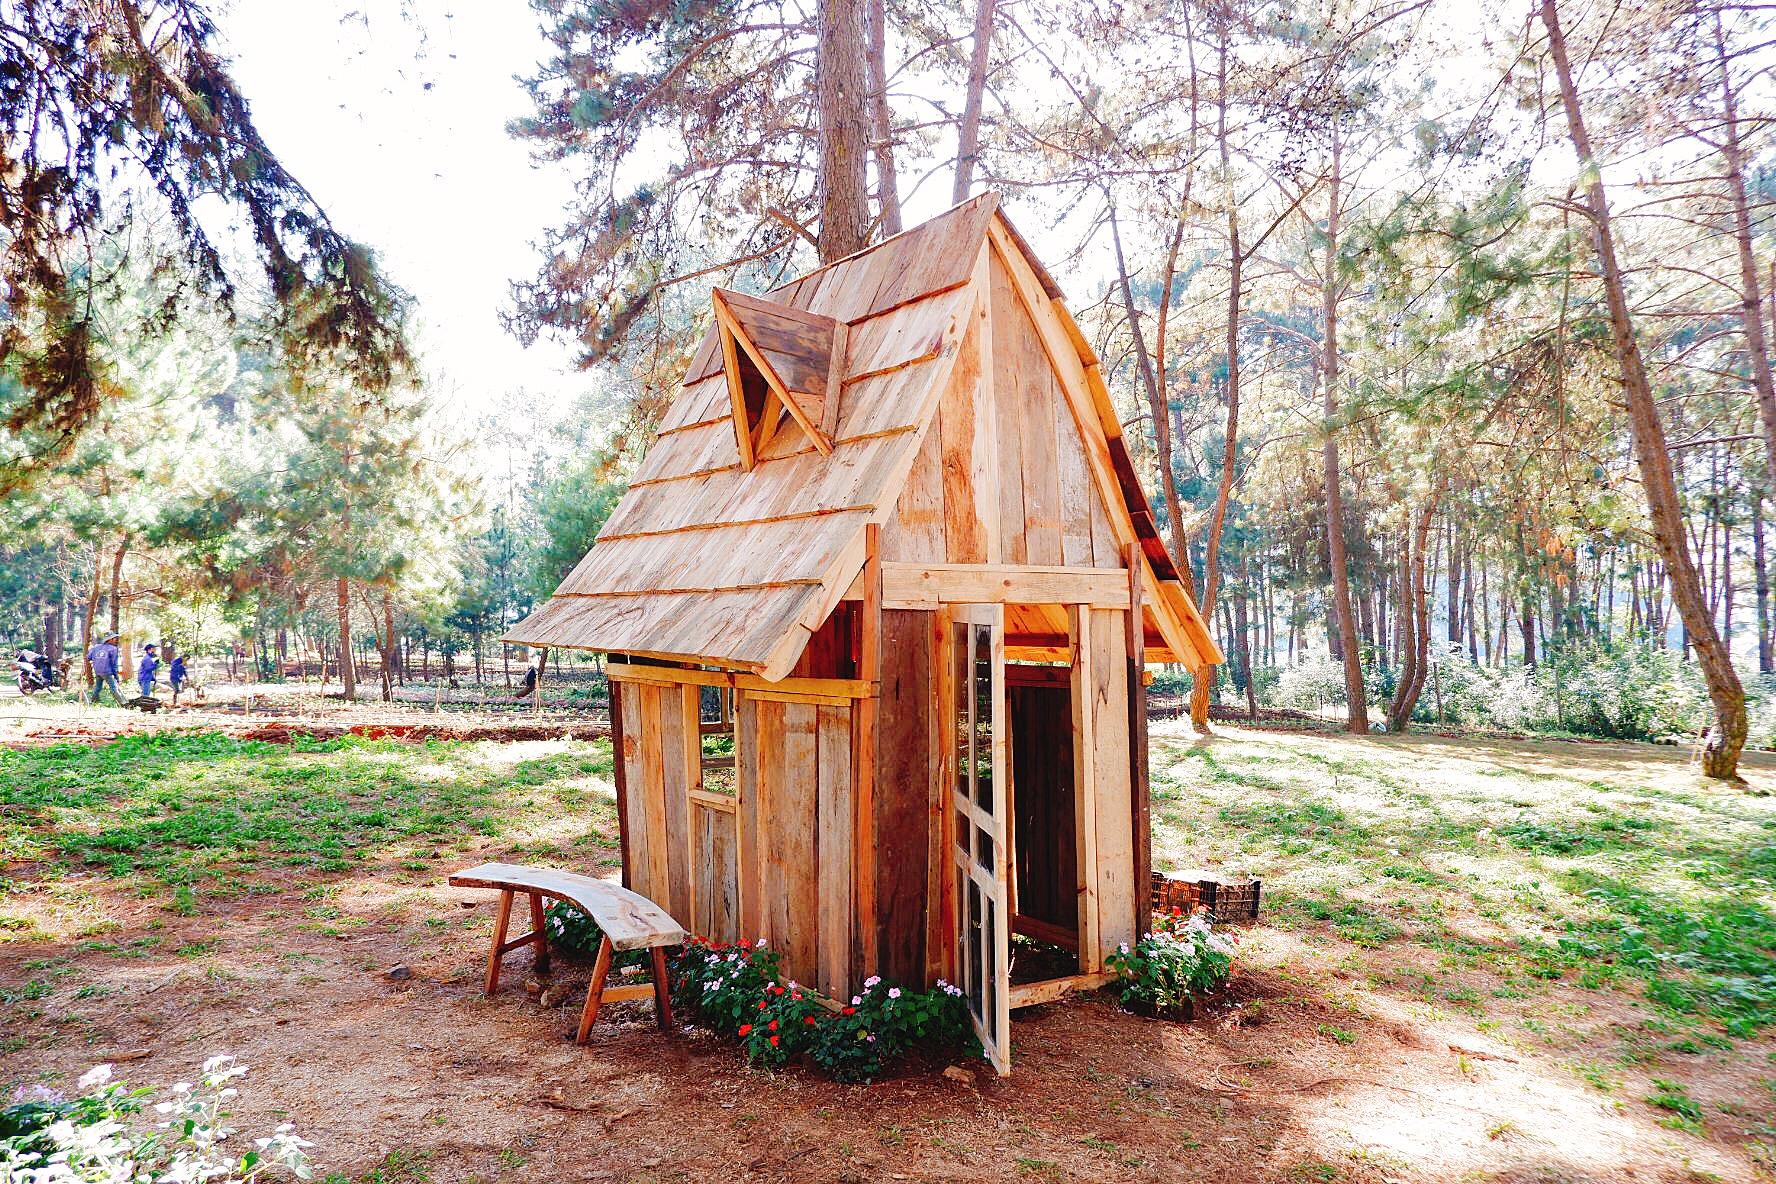 Ngôi nhà gỗ cổ tích của Chimi Farm